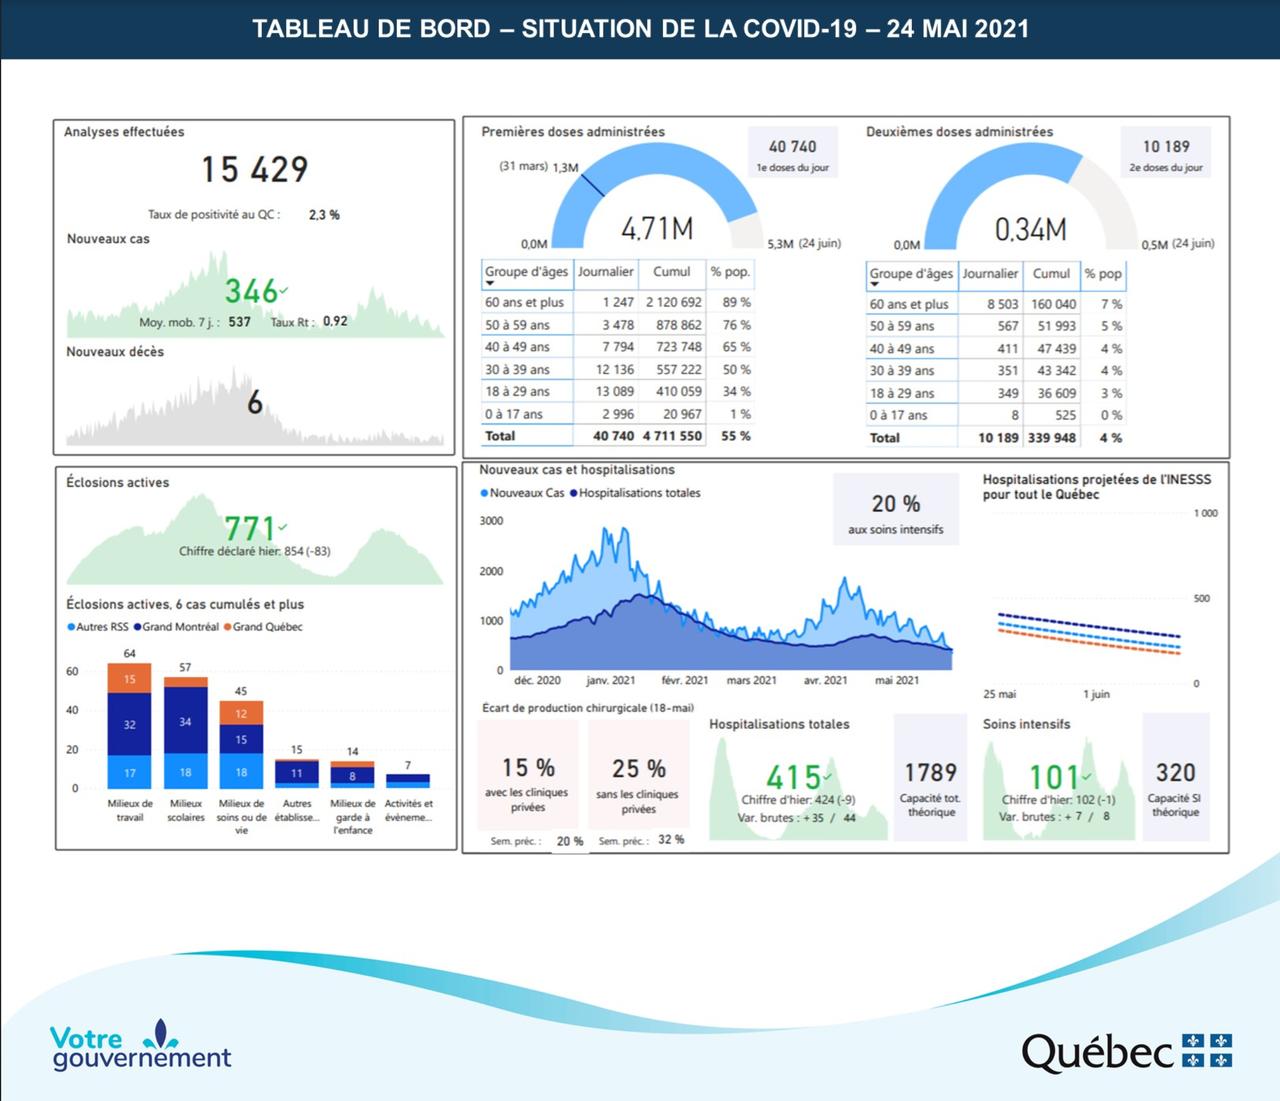 Tableau de bord des chiffres sur l'évolution de la Covid-19 et de sa vaccination au Québec